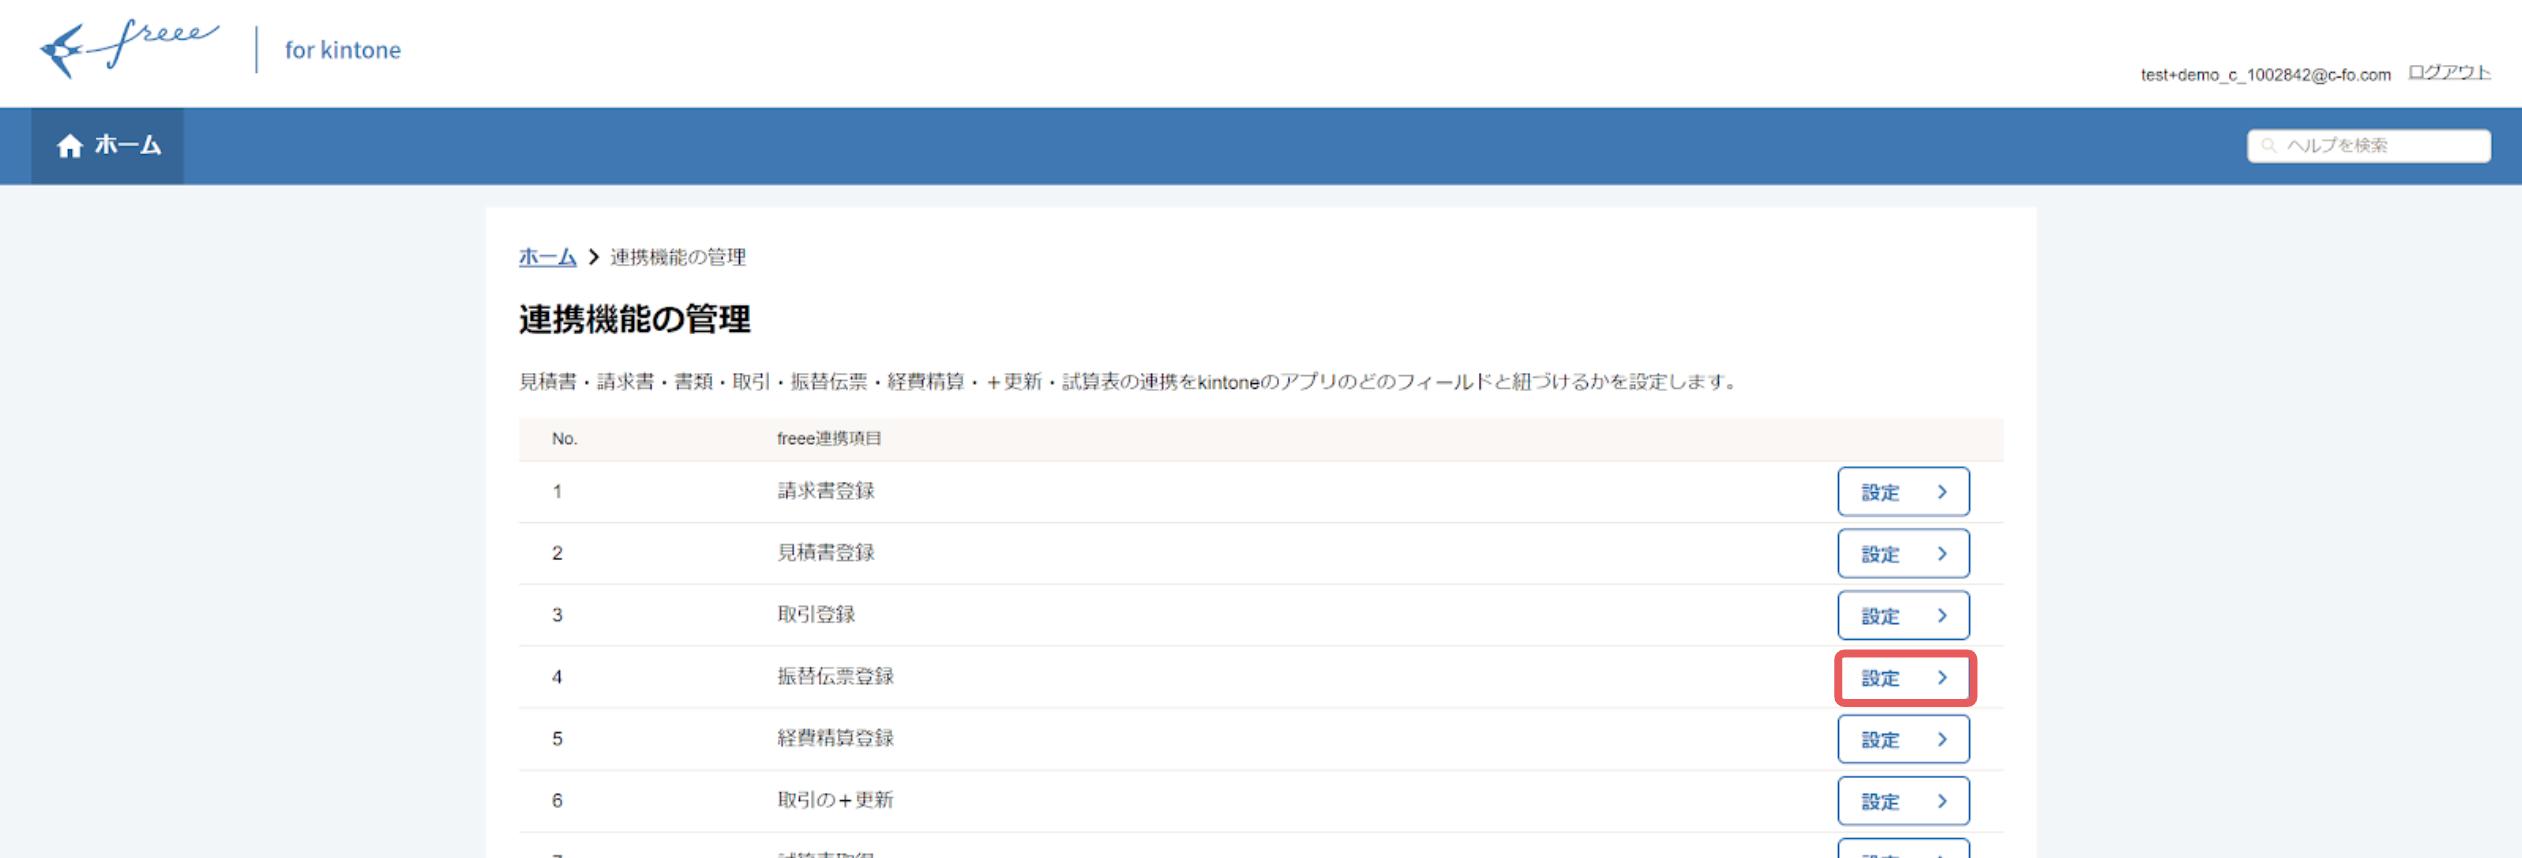 Screen_Shot_2020-07-10_at_15.02.05.png